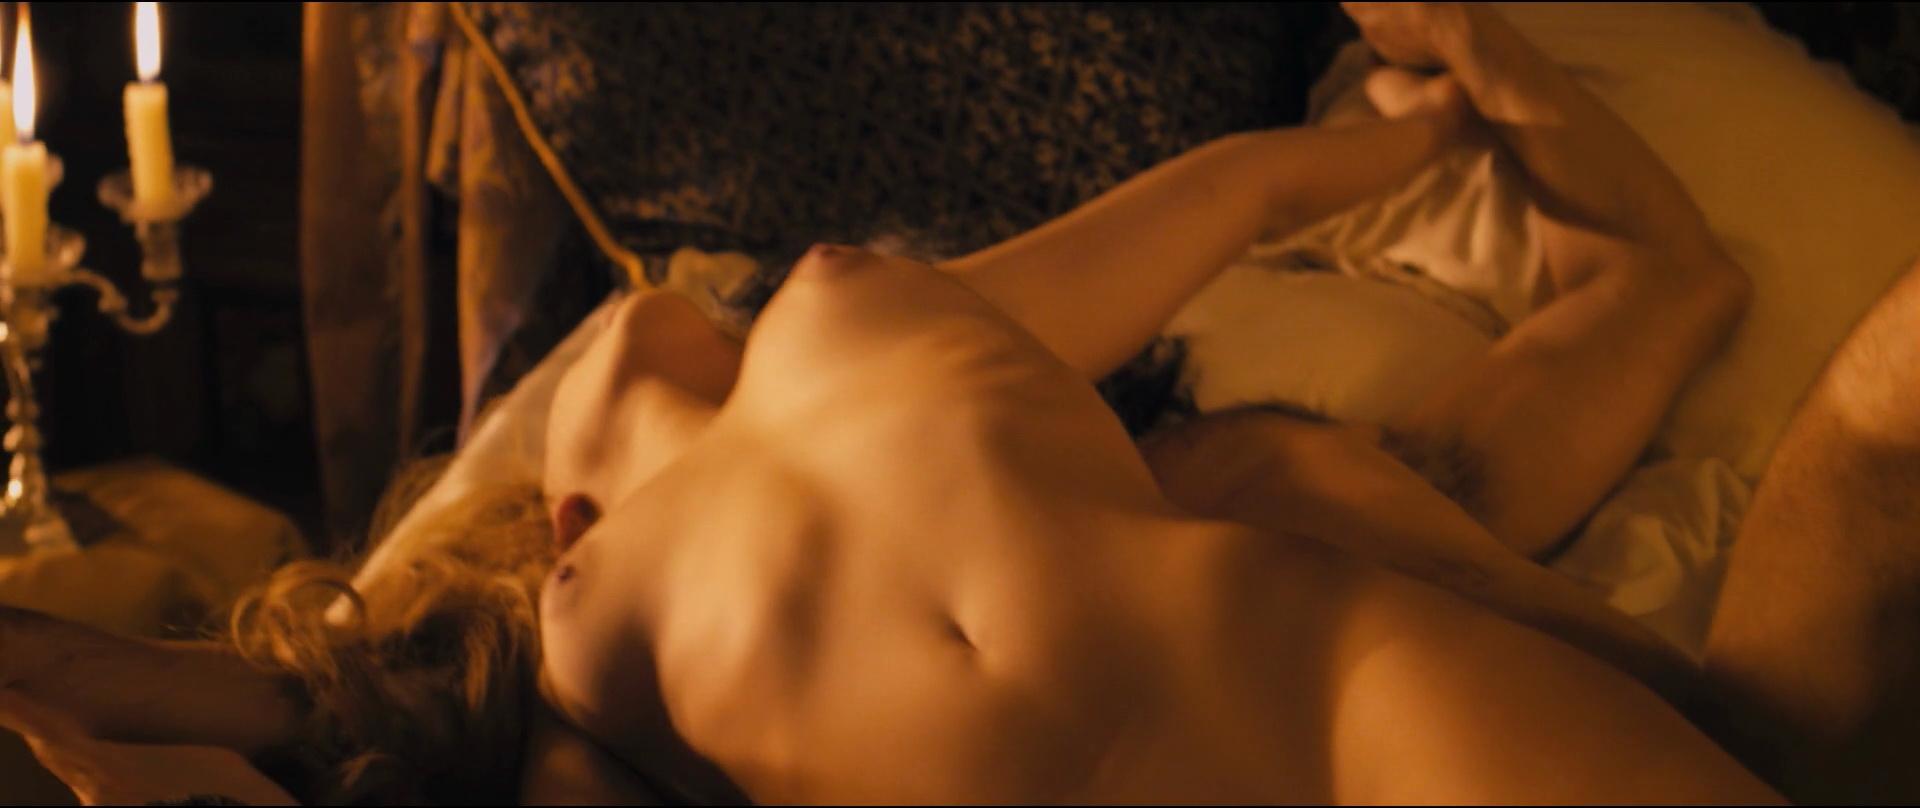 Nora Arnezeder Porno watch online - nora arnezeder – angelique (2013) hd 1080p